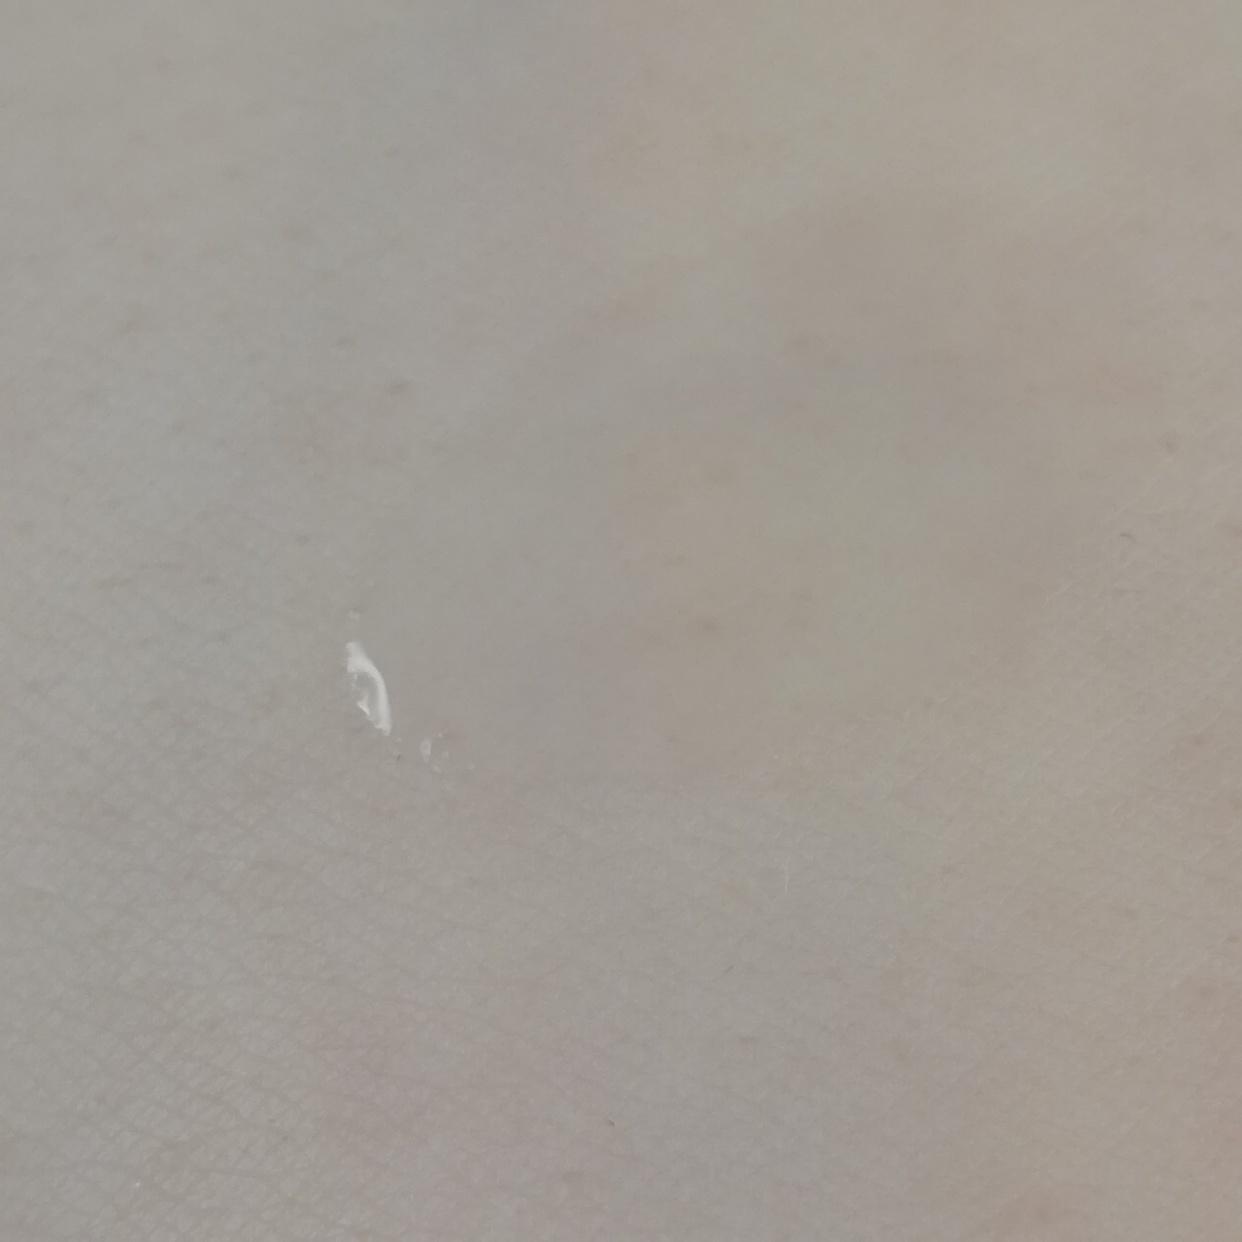 専科(SENKA) 洗顔専科 オールクリアオイルの良い点・メリットに関するりか✨さんの口コミ画像2